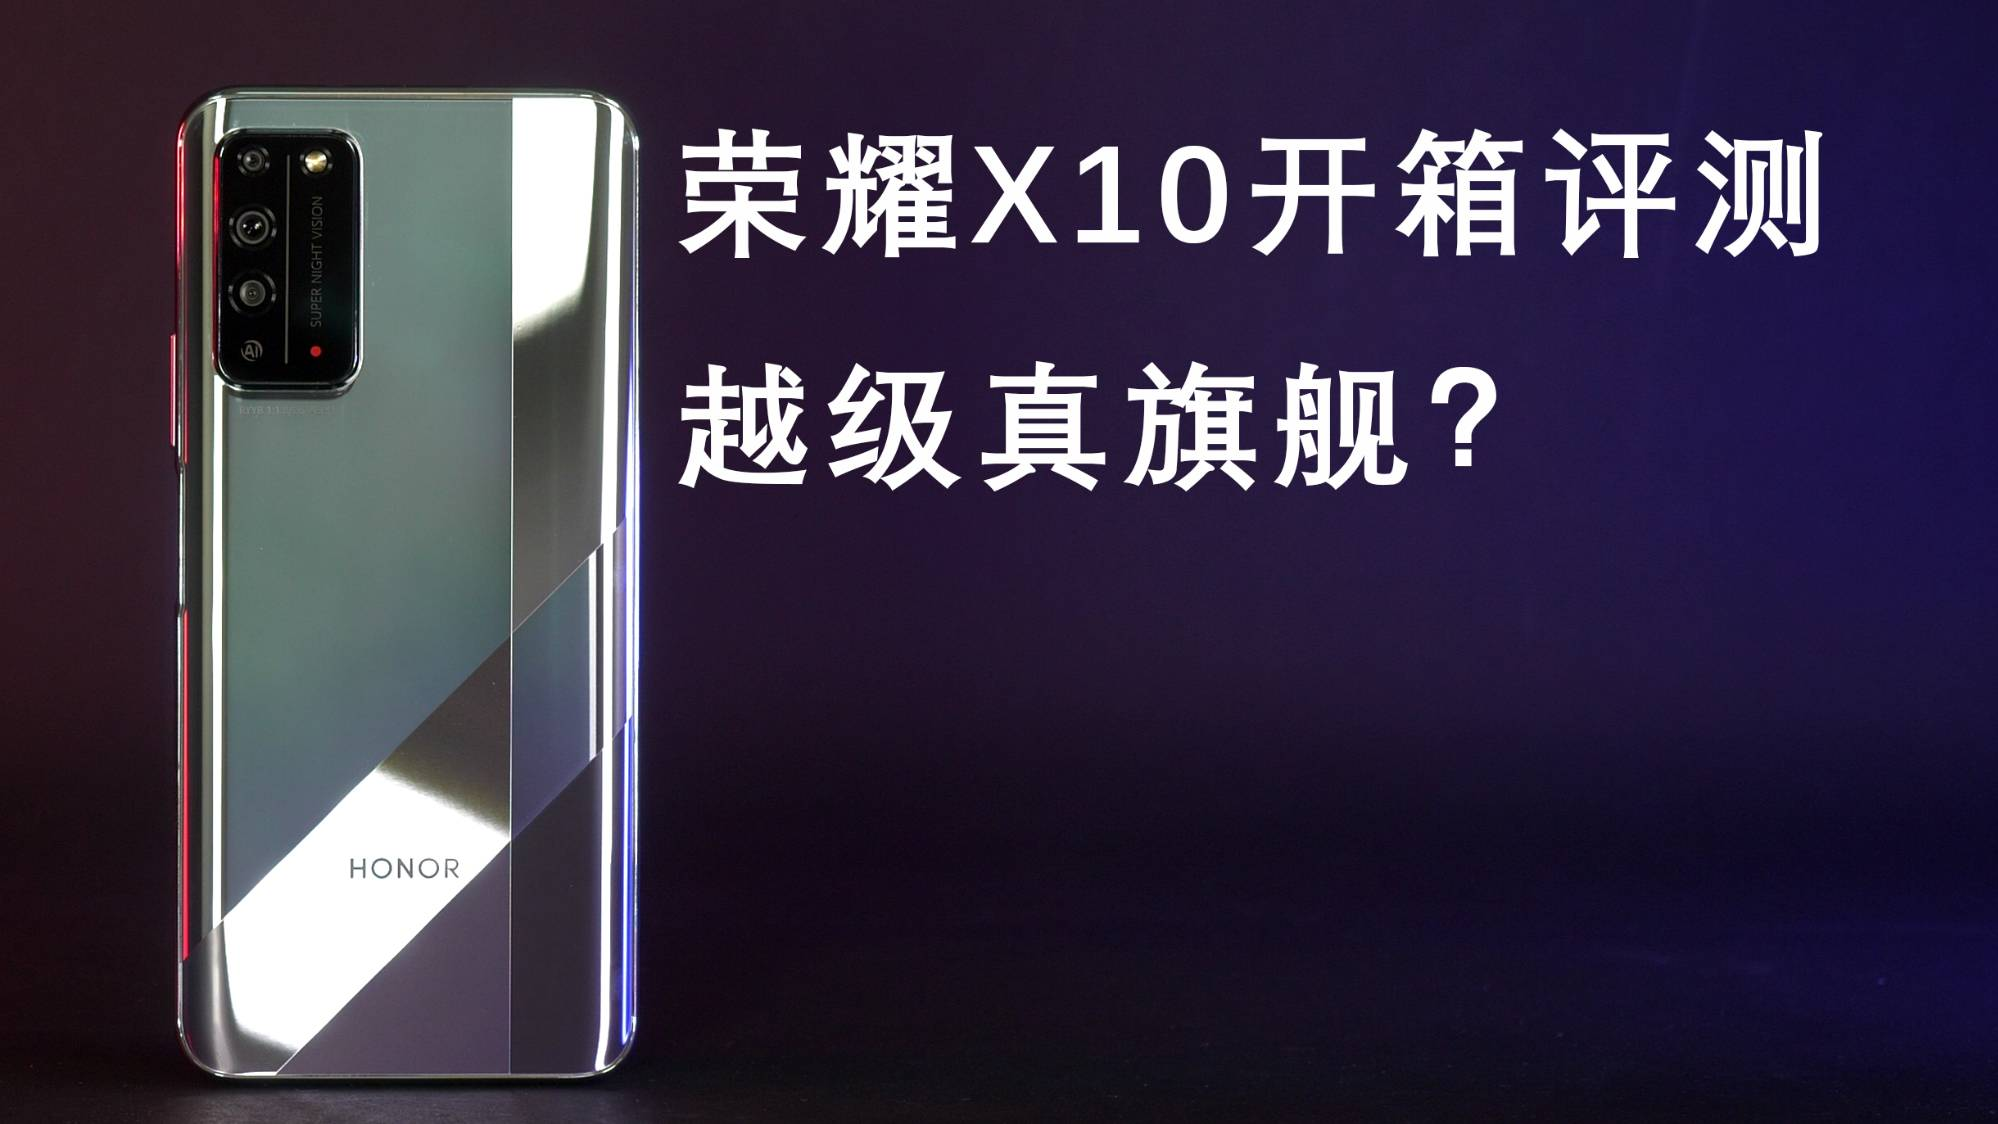 2000元档越级真旗舰?荣耀X10开箱评测